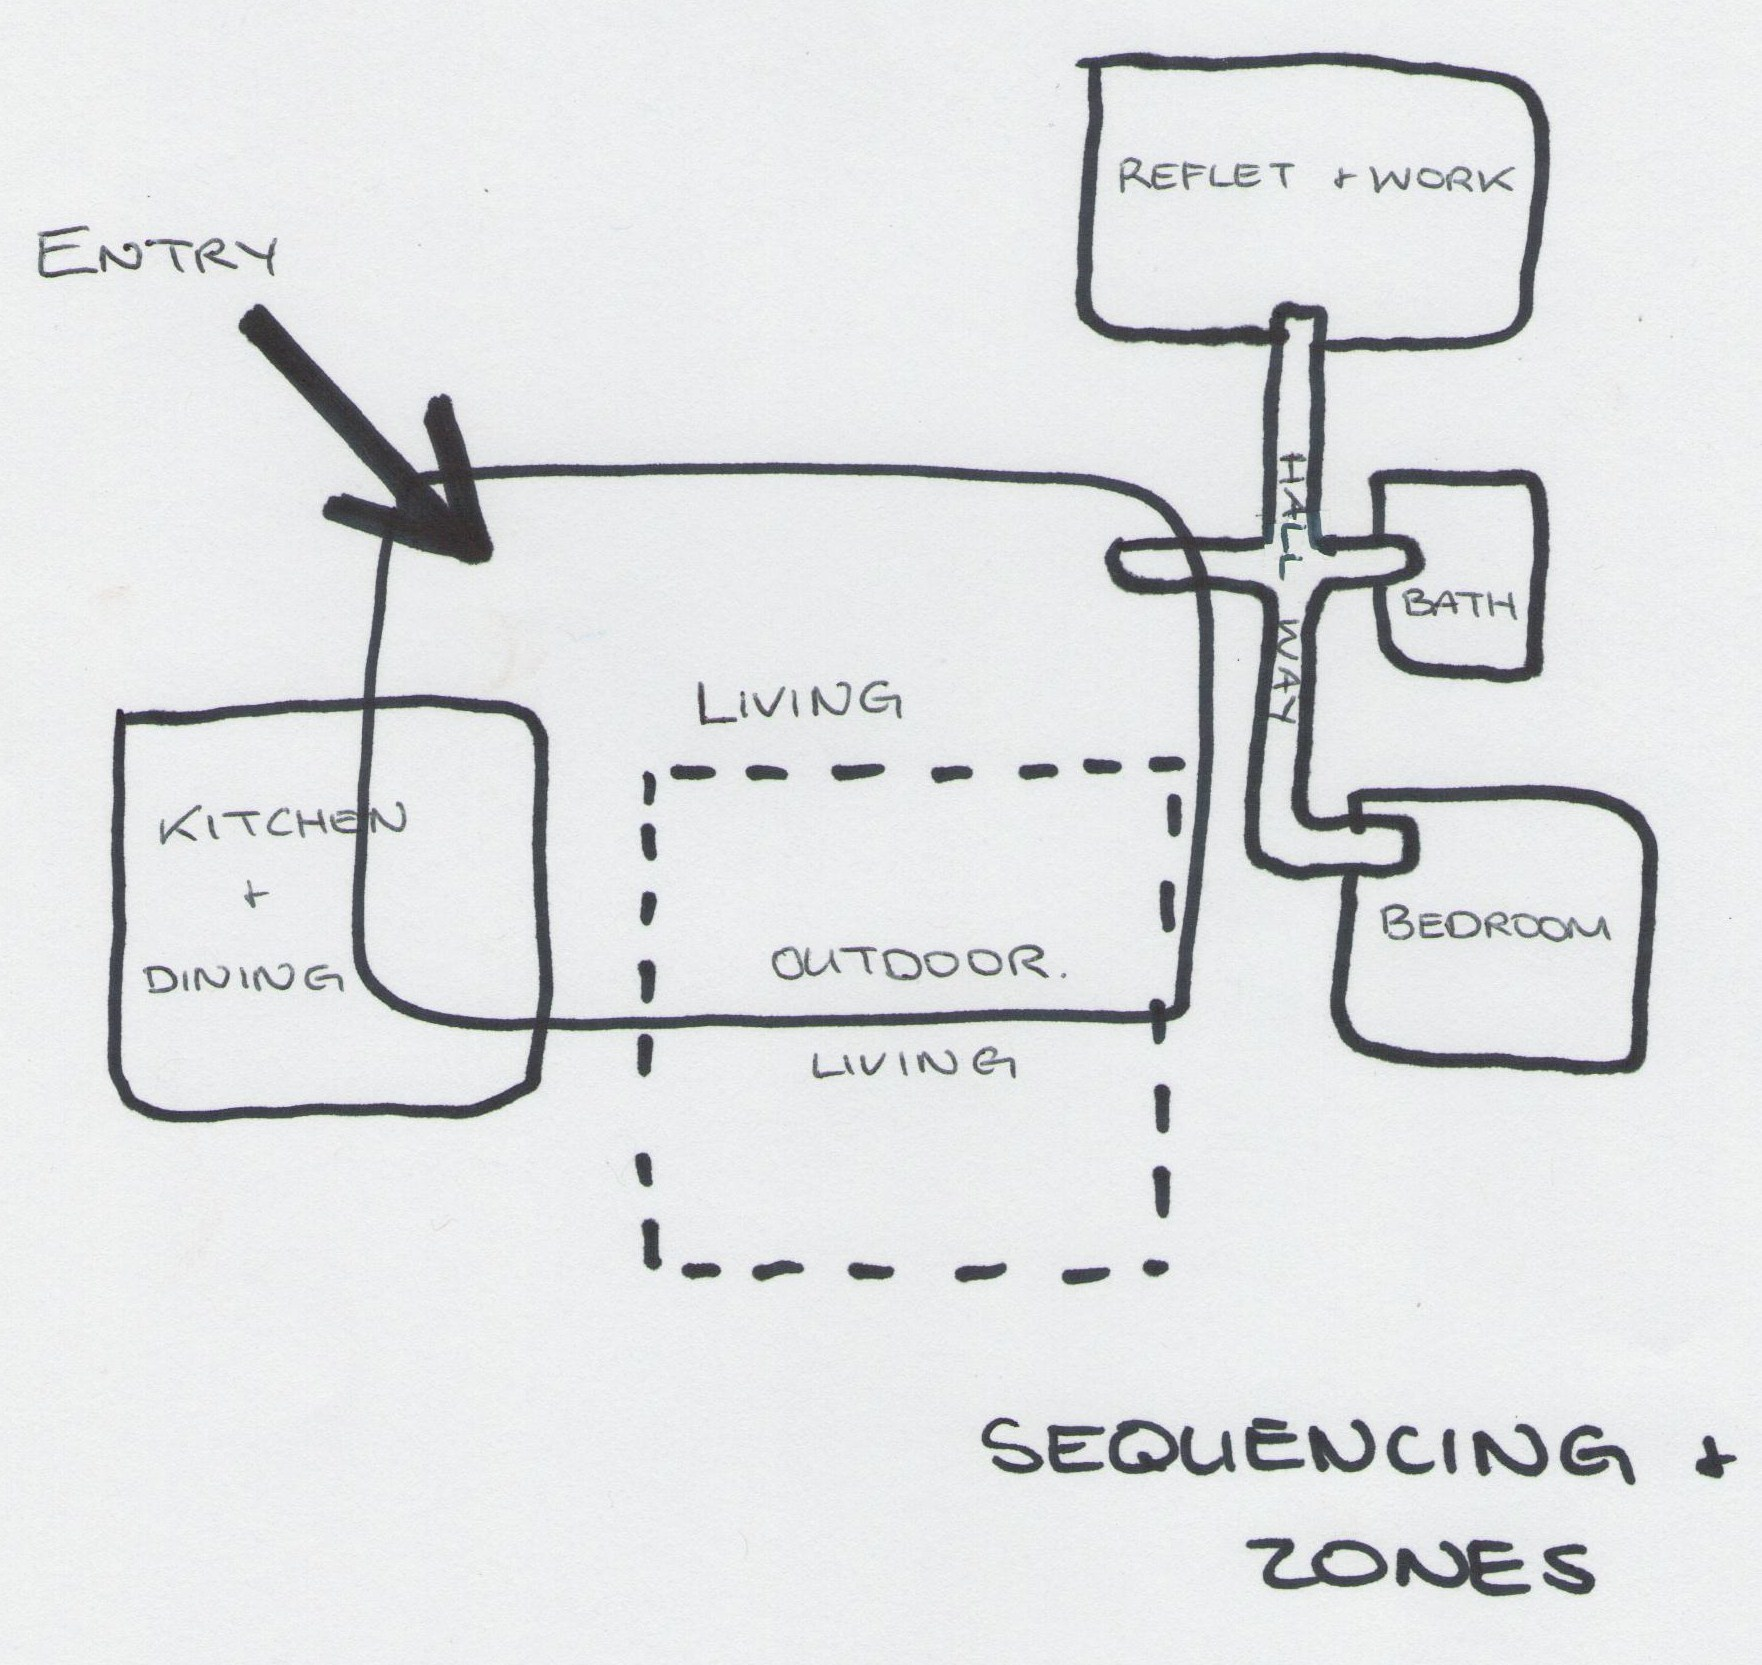 Project 1 Part C Application Cabin Development